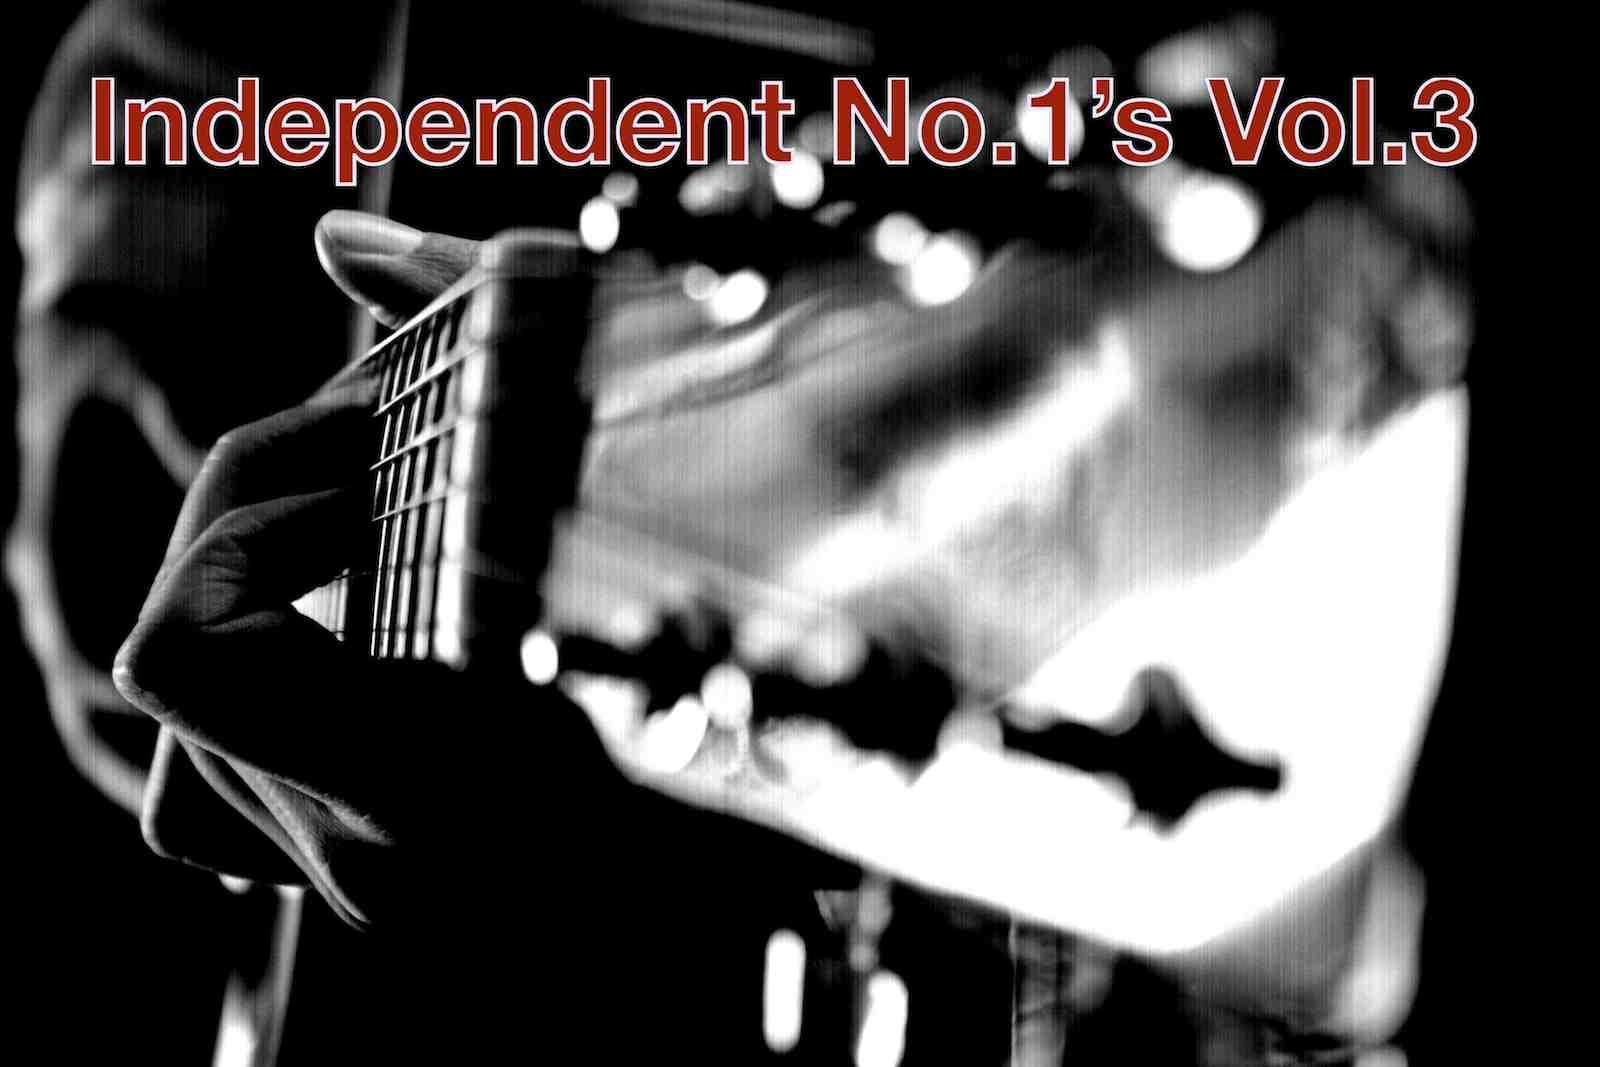 Independent No1s Vol 3 - WOA Records